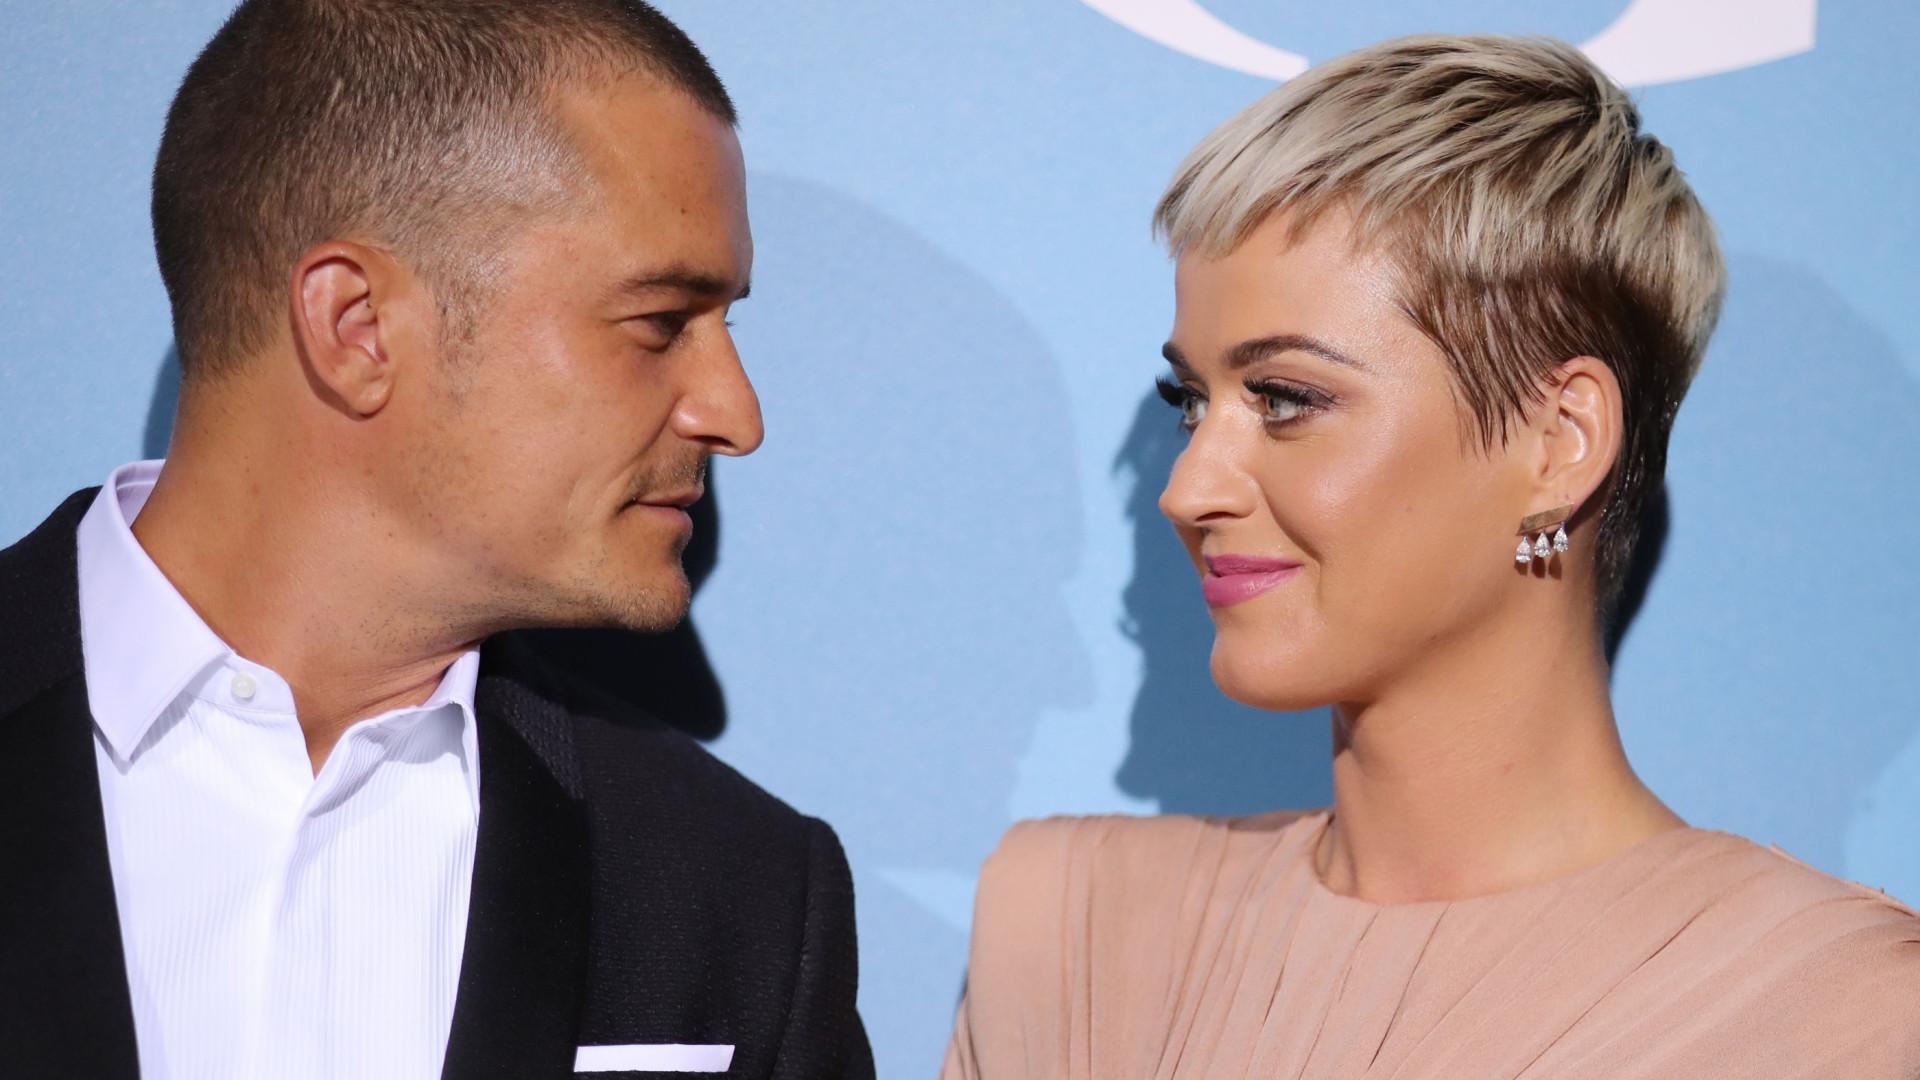 Orlando Bloom reciclou anel da ex para dar a Katy Perry, dizem fãs